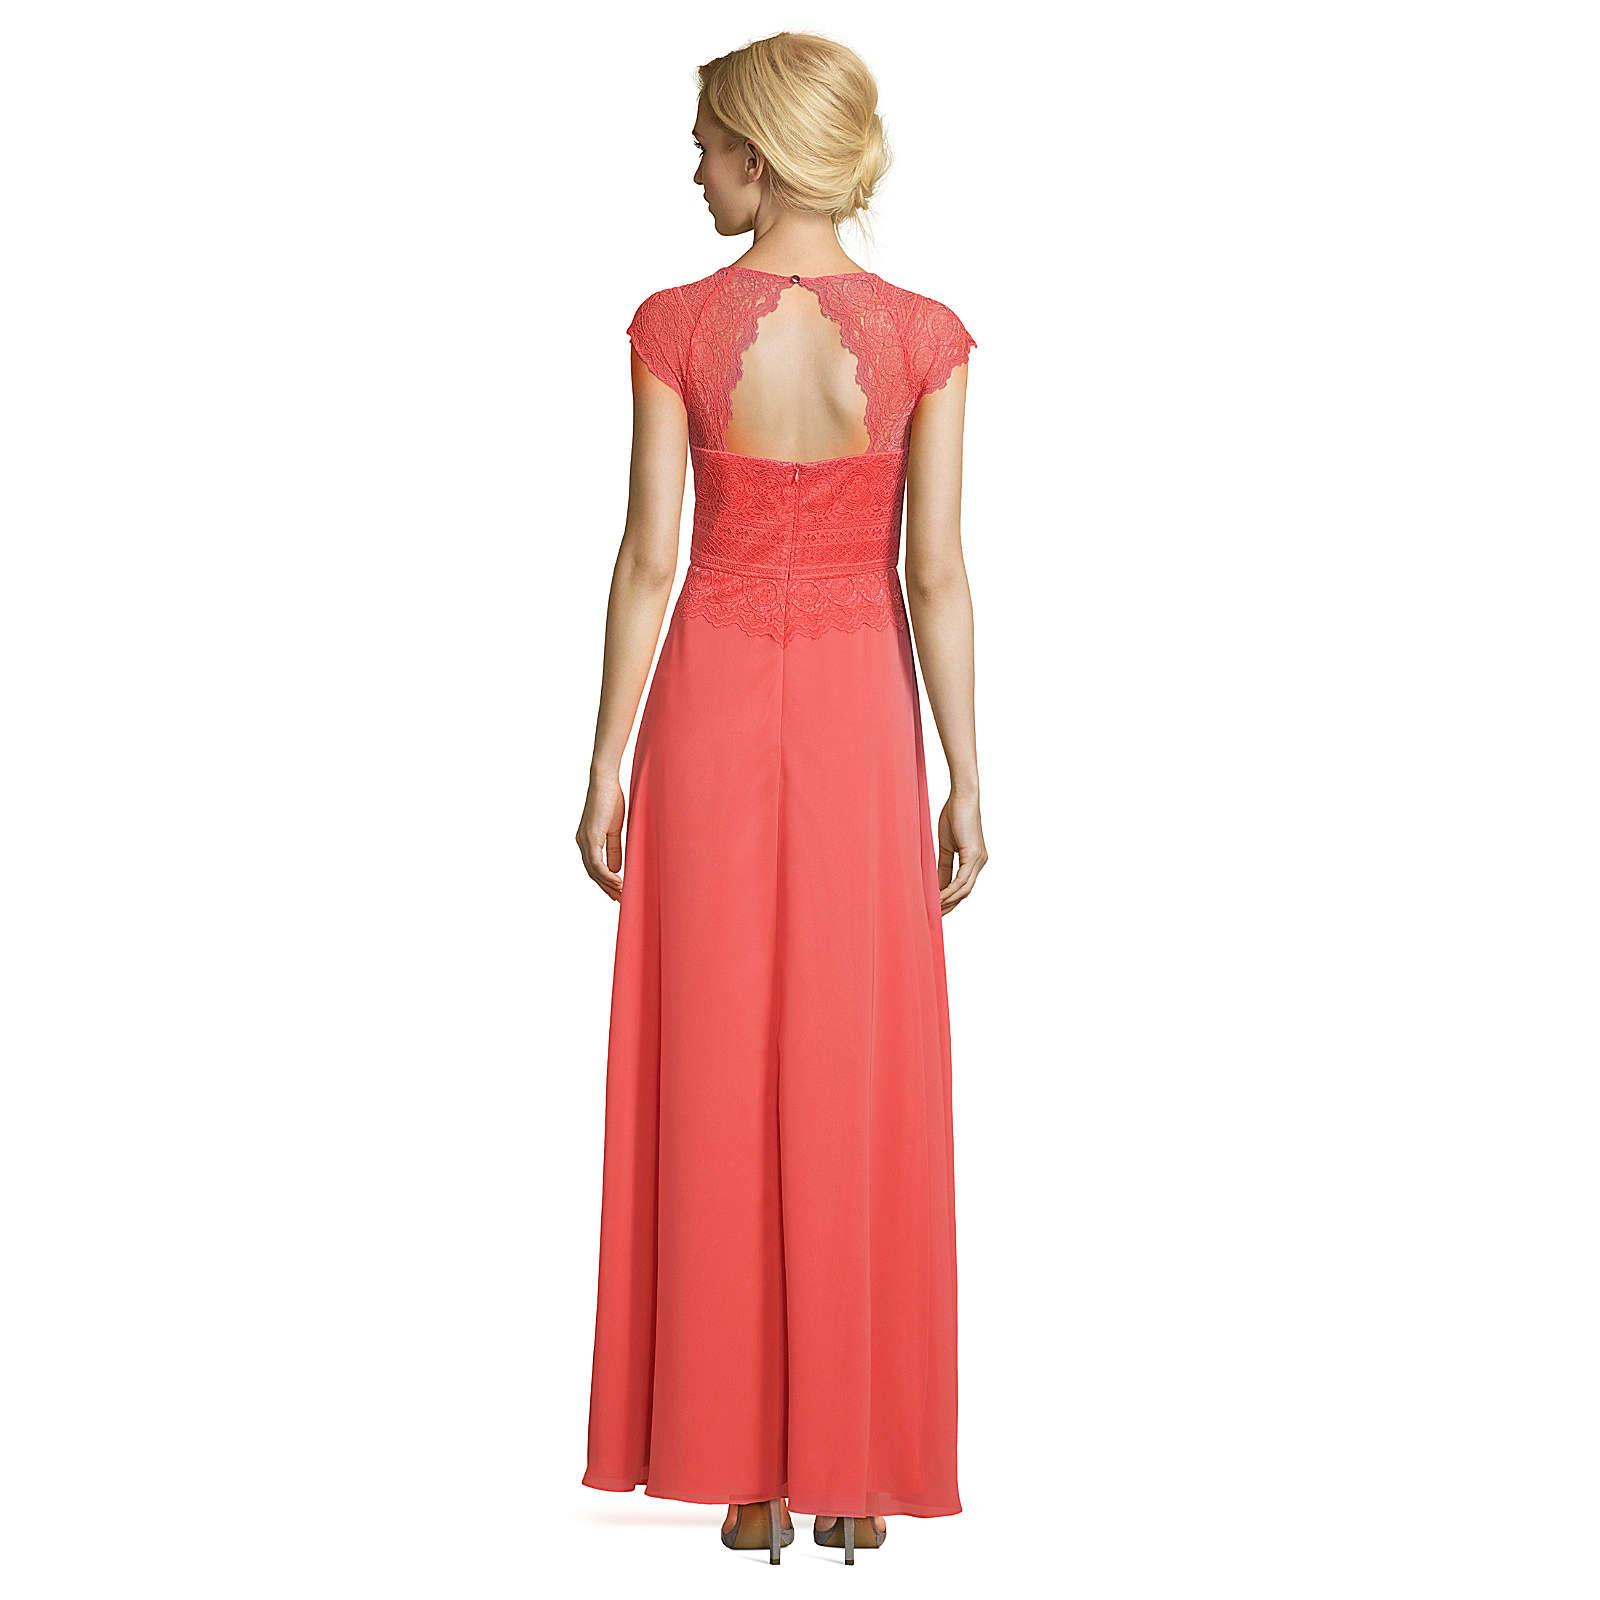 Vera Mont Abiballkleid mit überschnittenen Ärmeln rosa/rot Damen Gr. 40